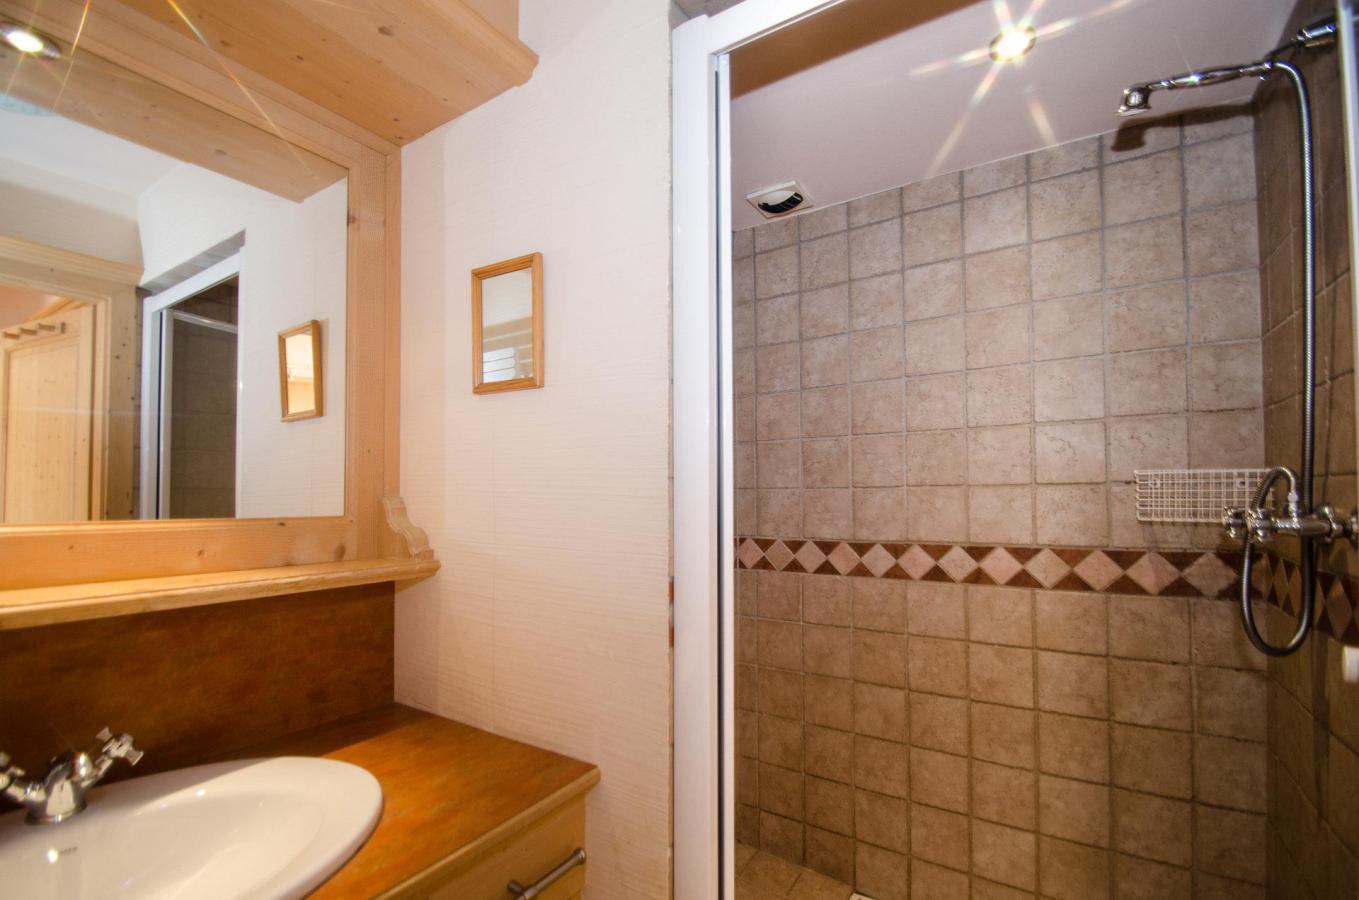 Location au ski Appartement 2 pièces 4 personnes - Residence Les Chalets Du Savoy - Orchidee - Chamonix - Chambre